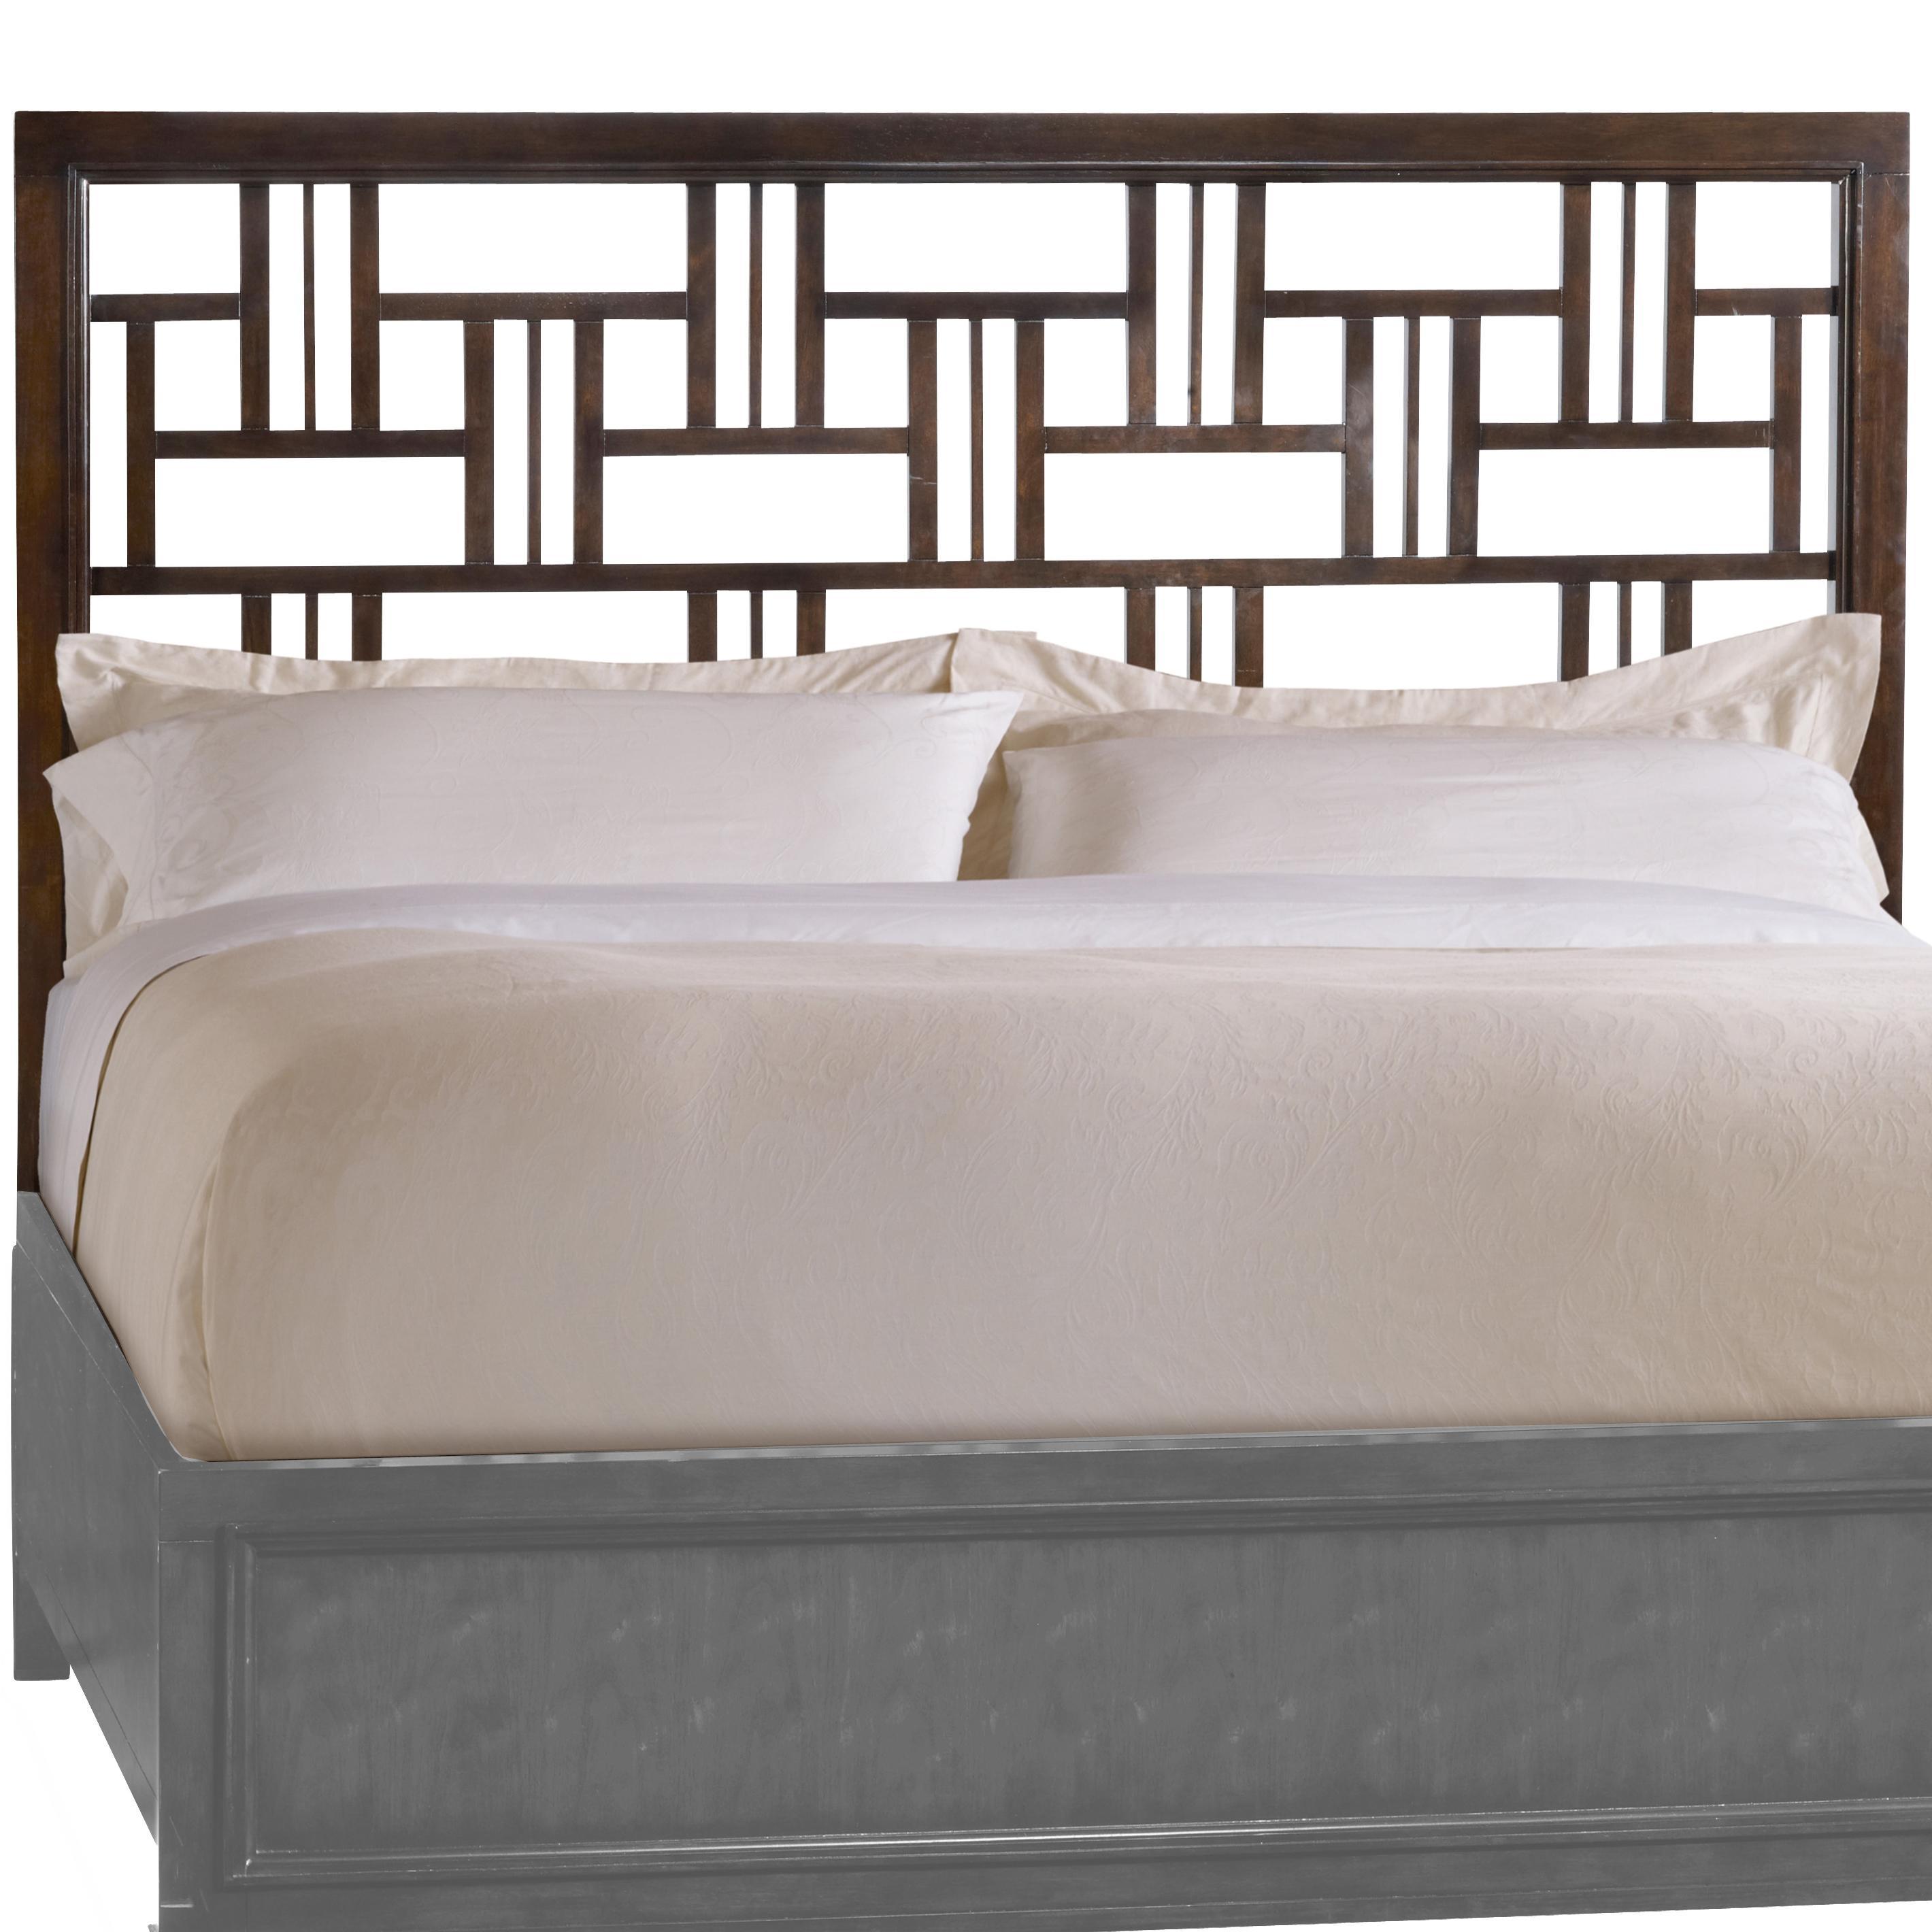 Hooker Furniture Ludlow Queen Fretwork Headboard - Item Number: 1030-91251